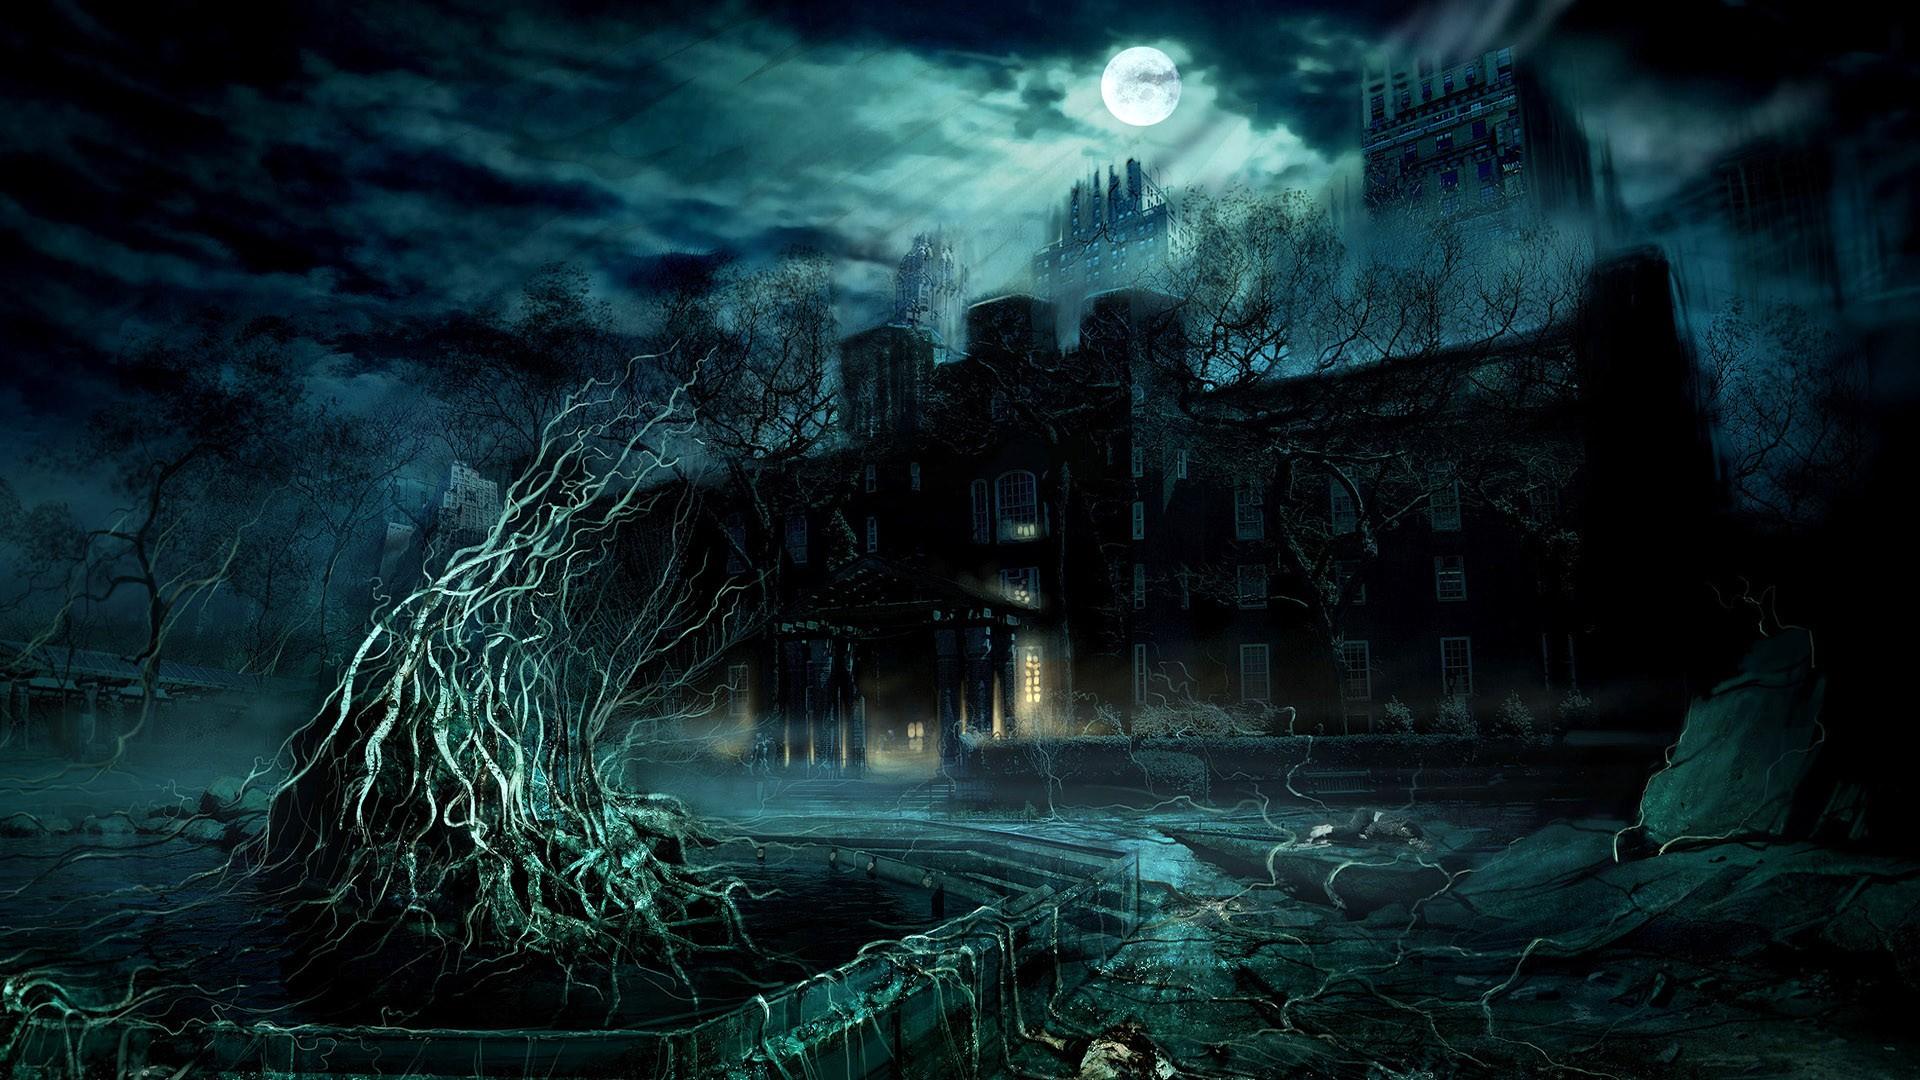 gothic   Gothic Wallpaper 31059275 1920x1080